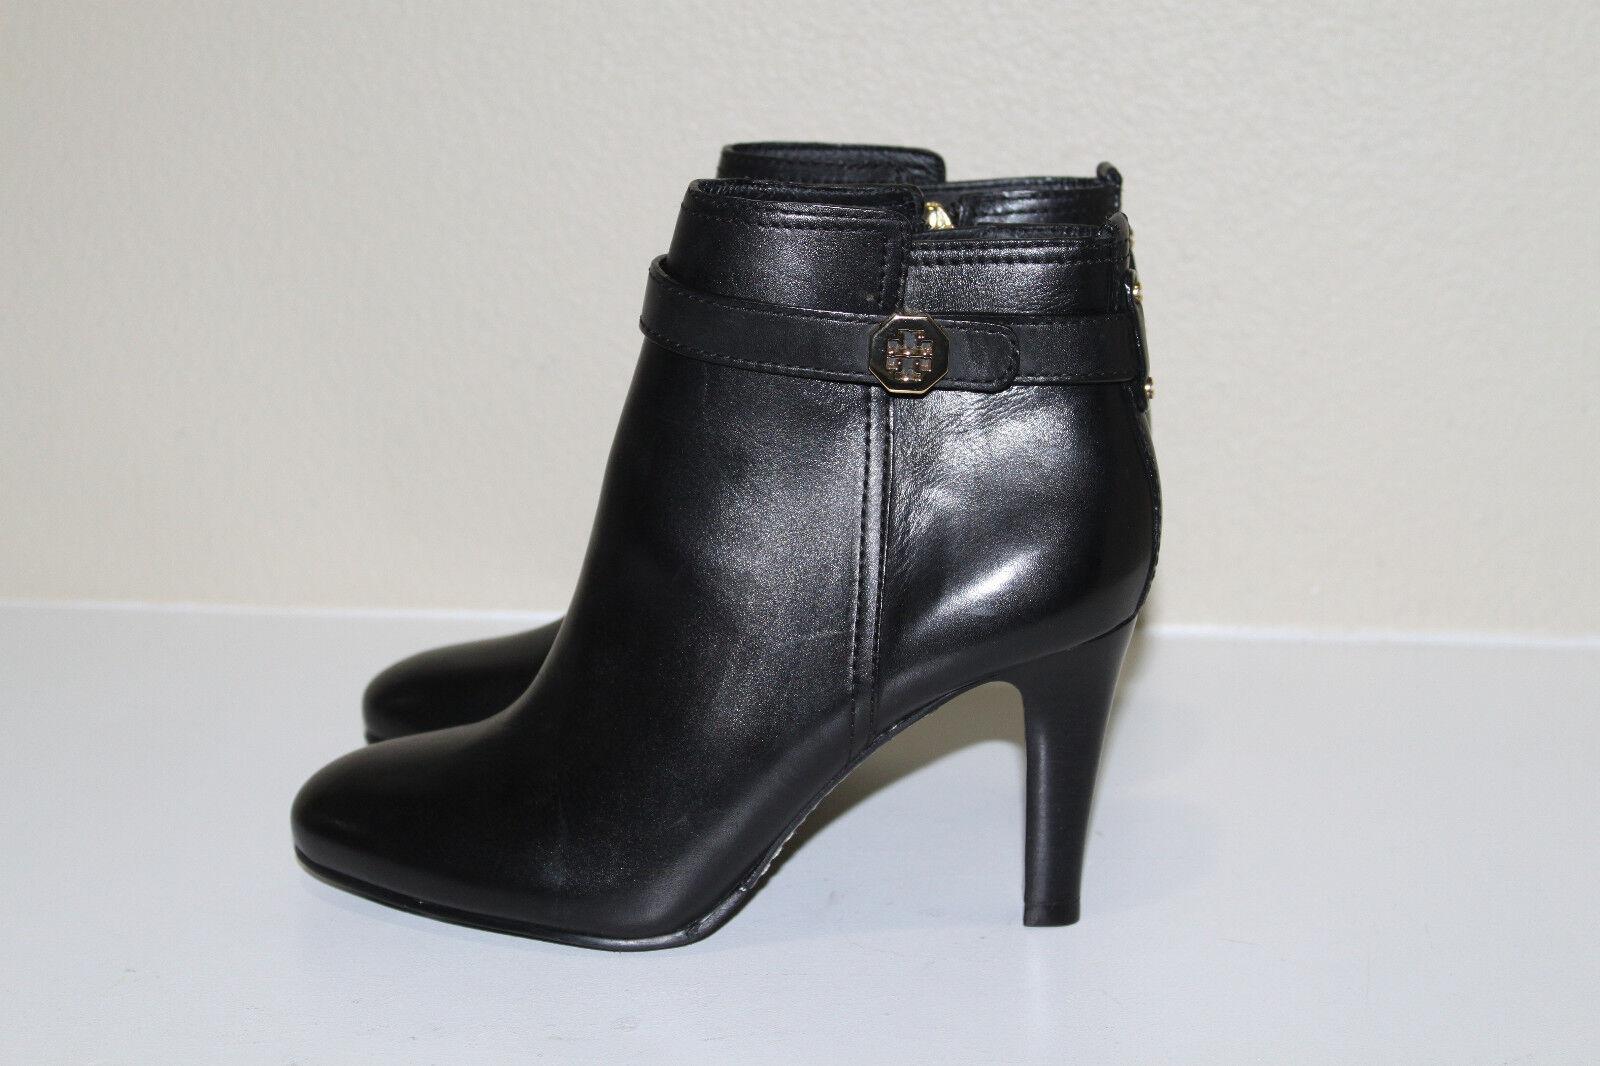 negozio online Tory Burch Bristol nero Leather Logo Logo Logo Ankle Riding Short avvio scarpe 11  senza esitazione! acquista ora!